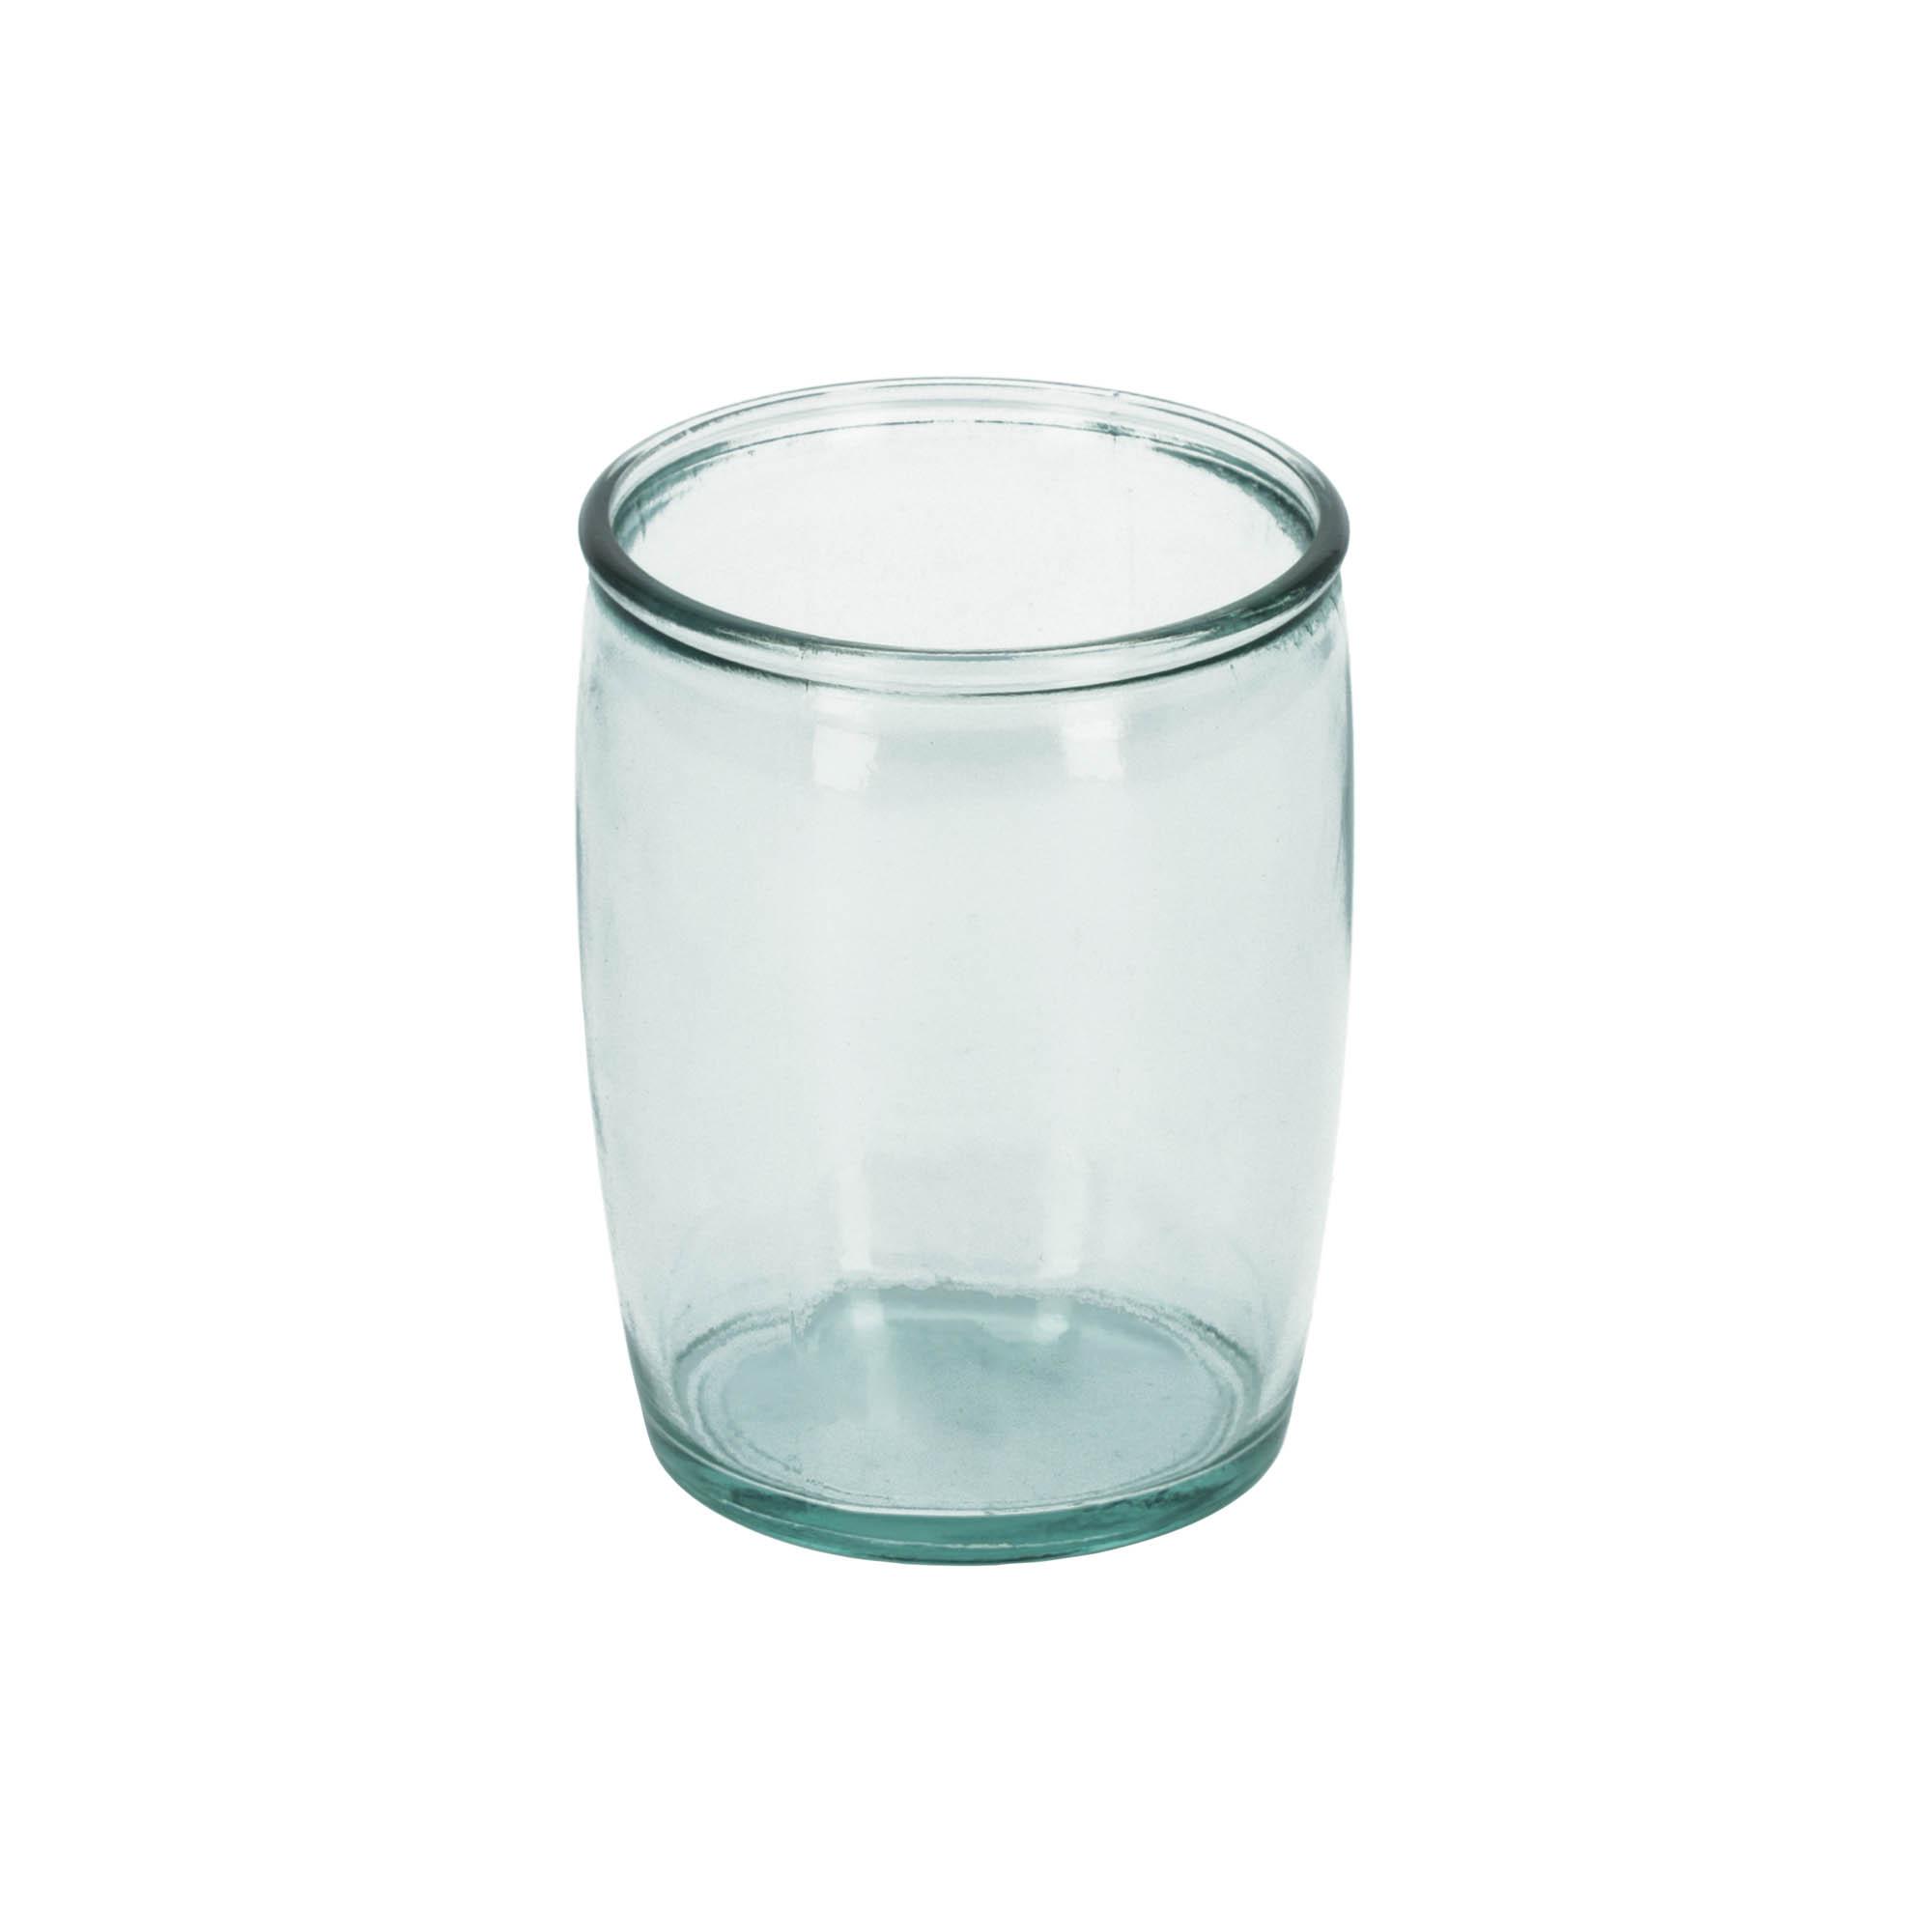 Kave home - gobelet trella transparent en verre...